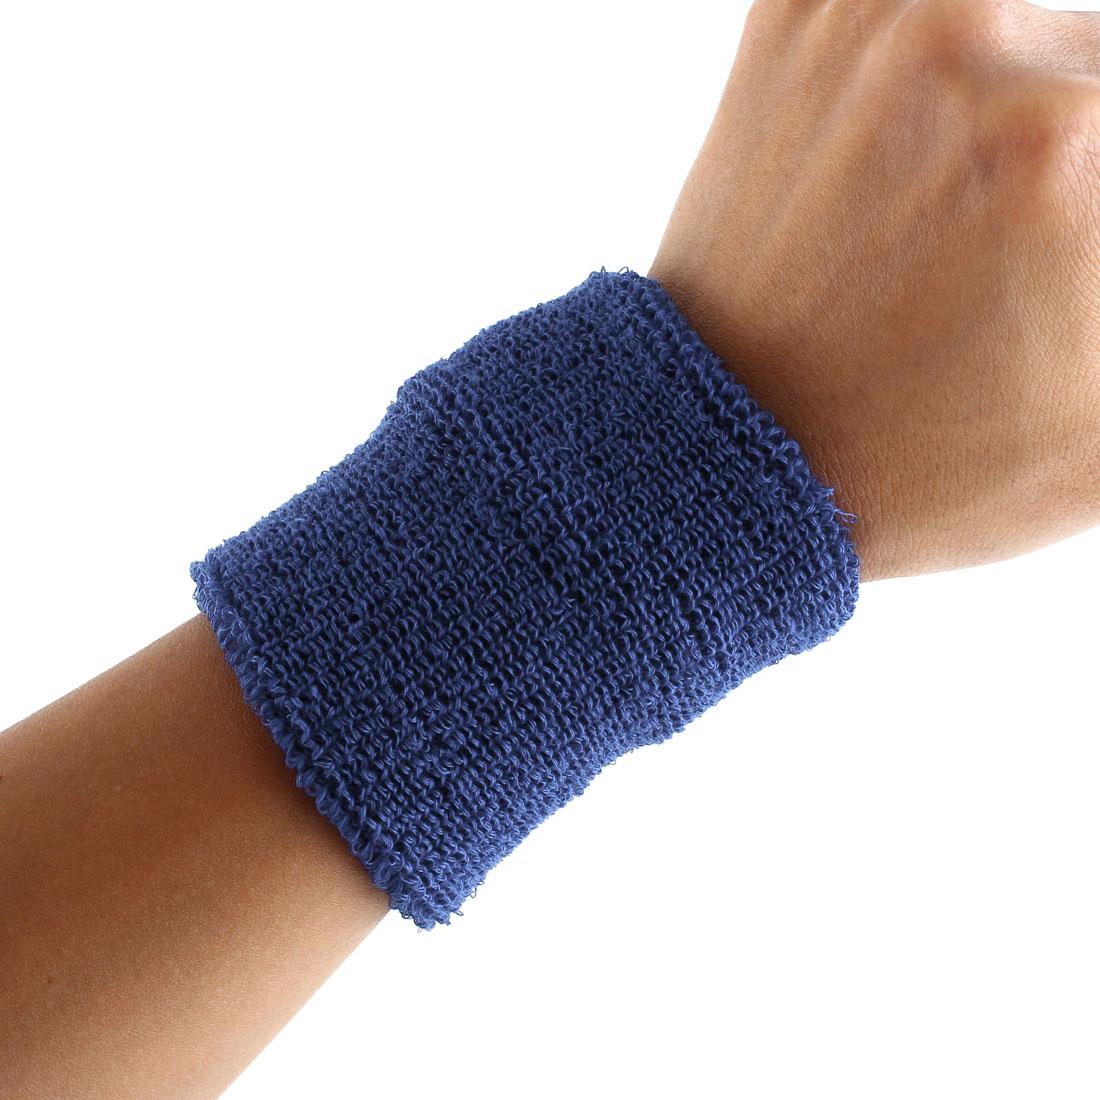 Exercises Gym Running Elastic Breathable Hand Protector Bandage Sweatband Wristband Sport Wrist Yale Blue 2pcs